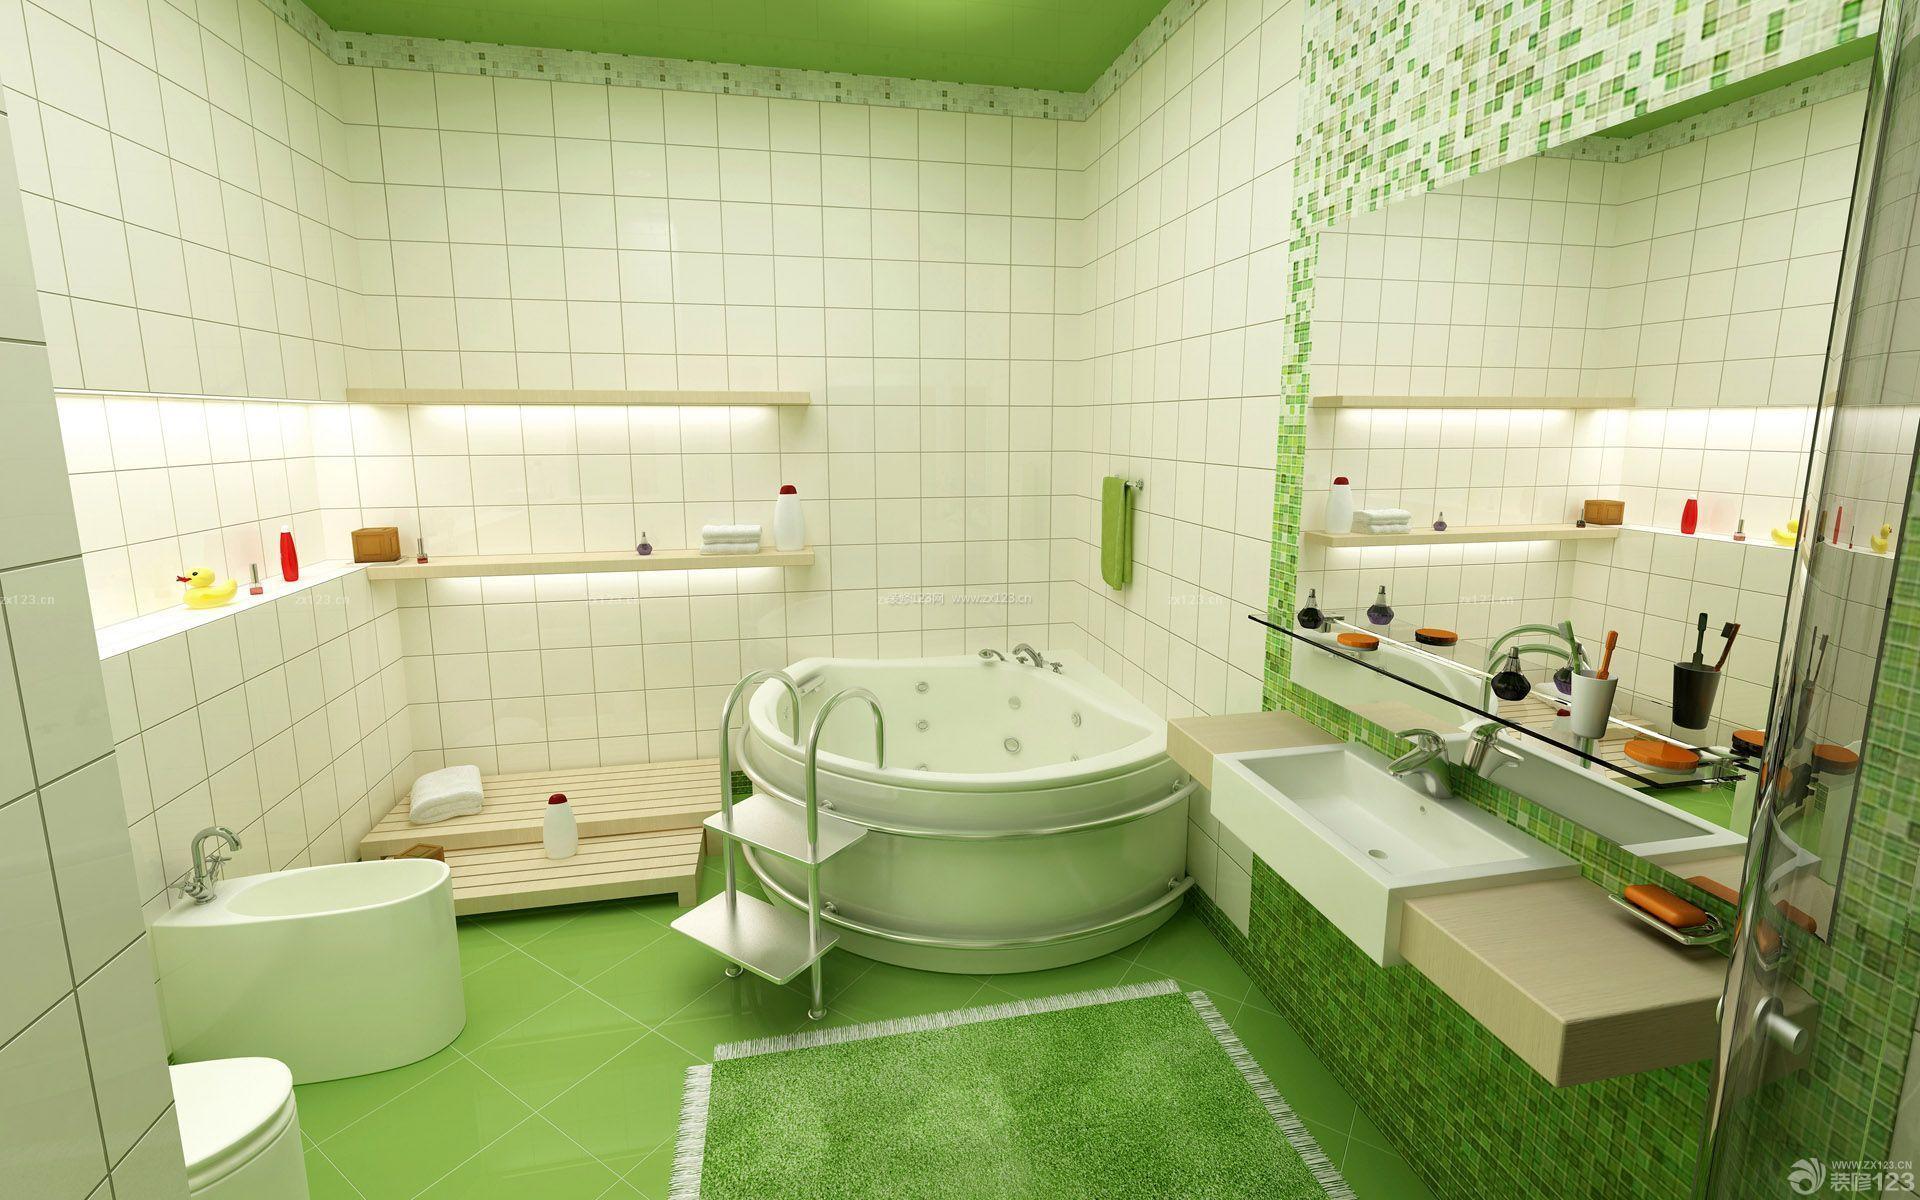 创意现代家庭浴室装修马赛克图片